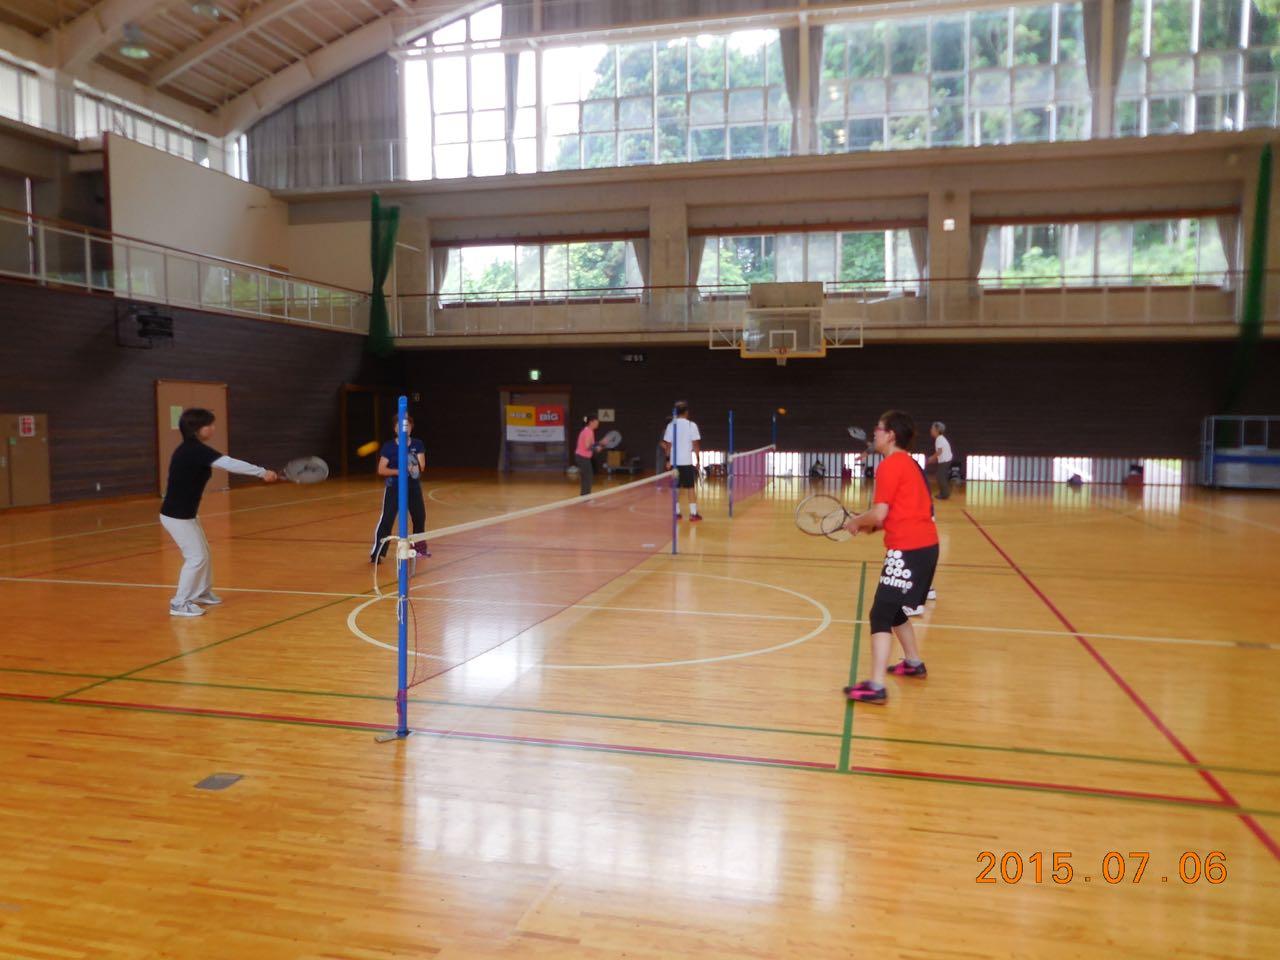 2015-07-06 ニュースポーツ教室 001